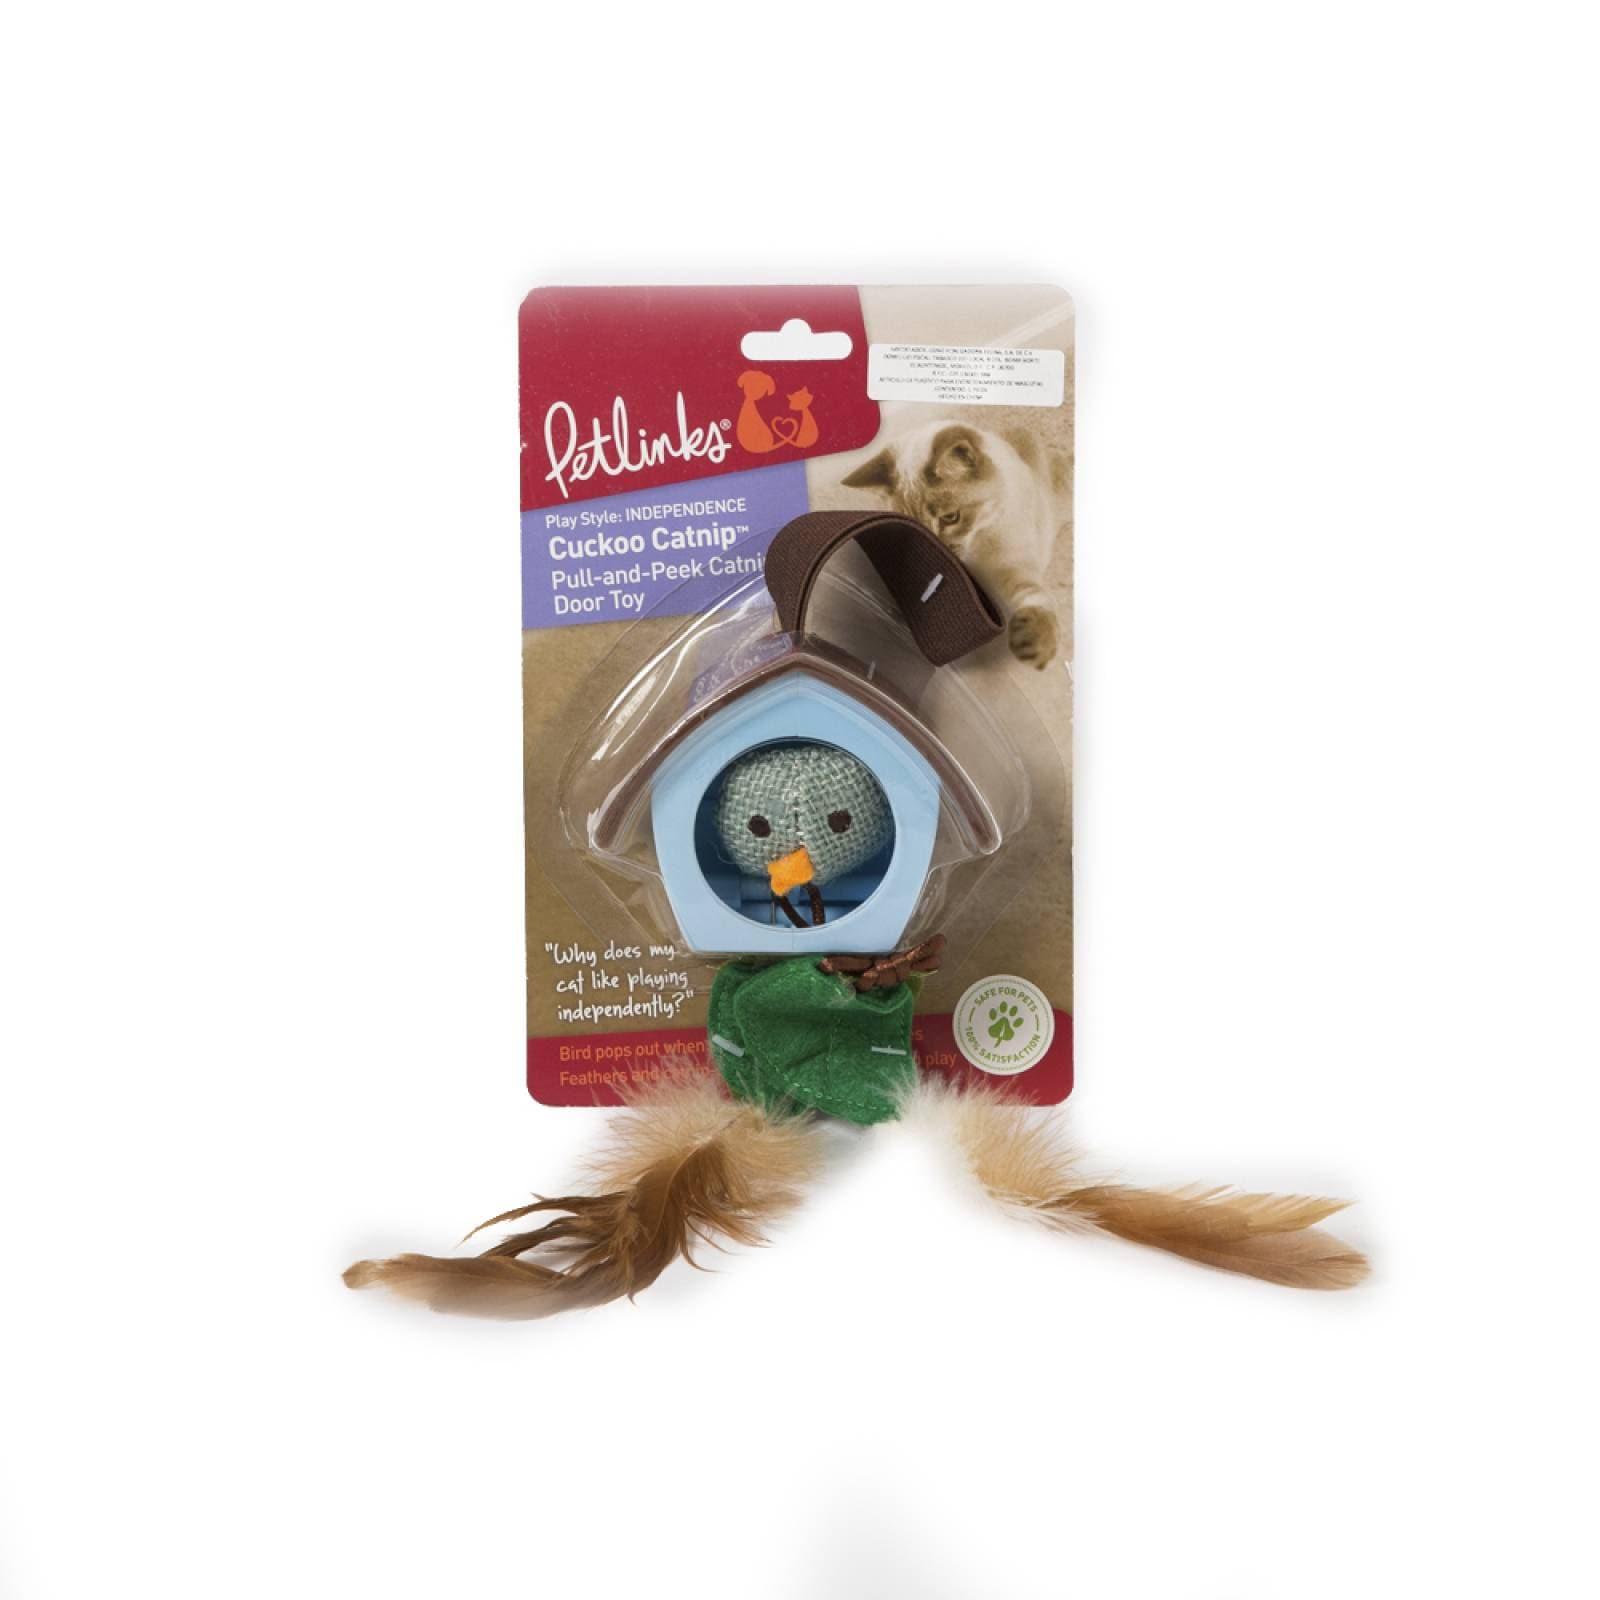 Juguete con plumas y catnip para gato Cuckoo Catnip